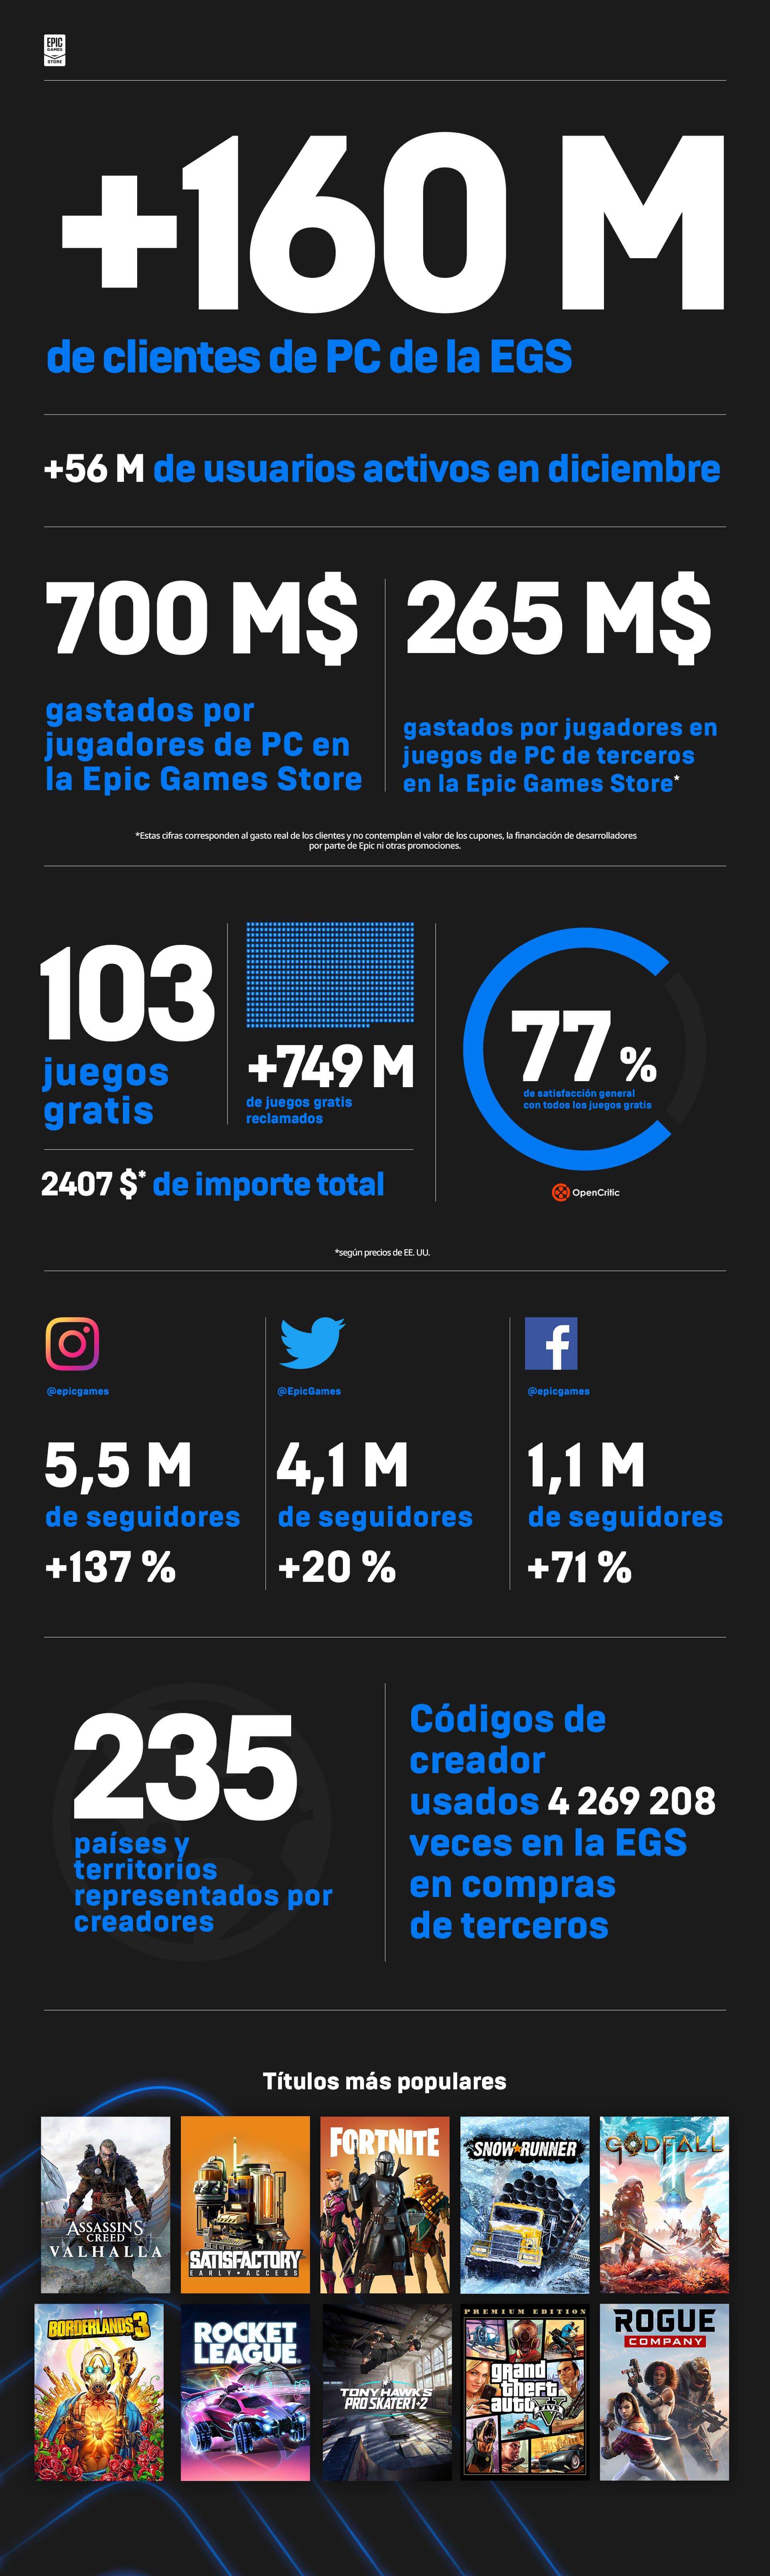 ES ES EGS Infographic